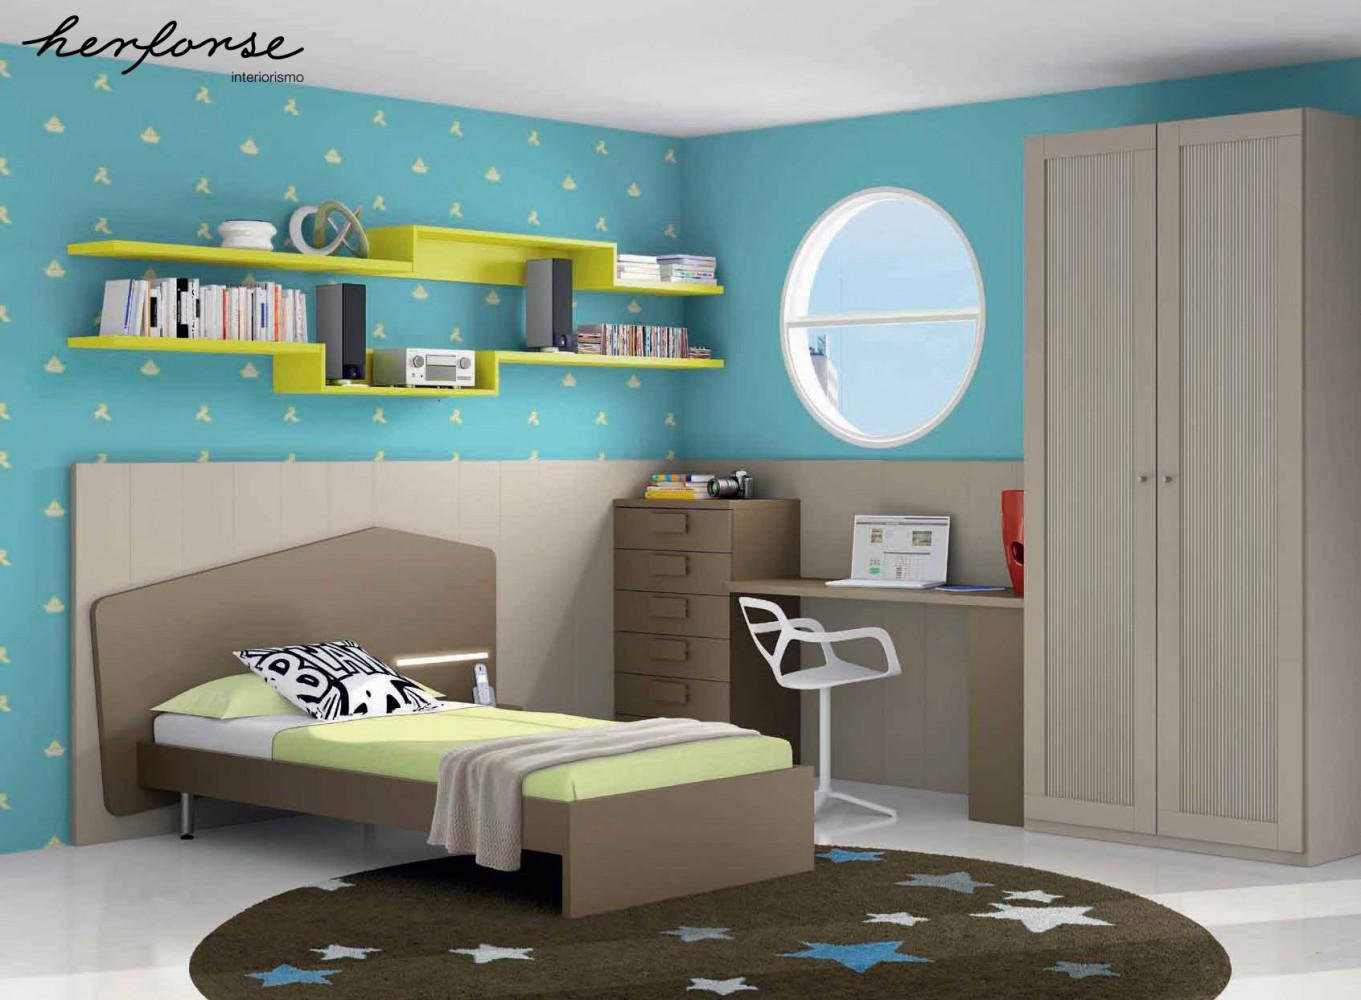 Cuadros grandes para cocinas related keywords cuadros grandes para cocinas long tail keywords for Habitaciones juveniles 3 camas